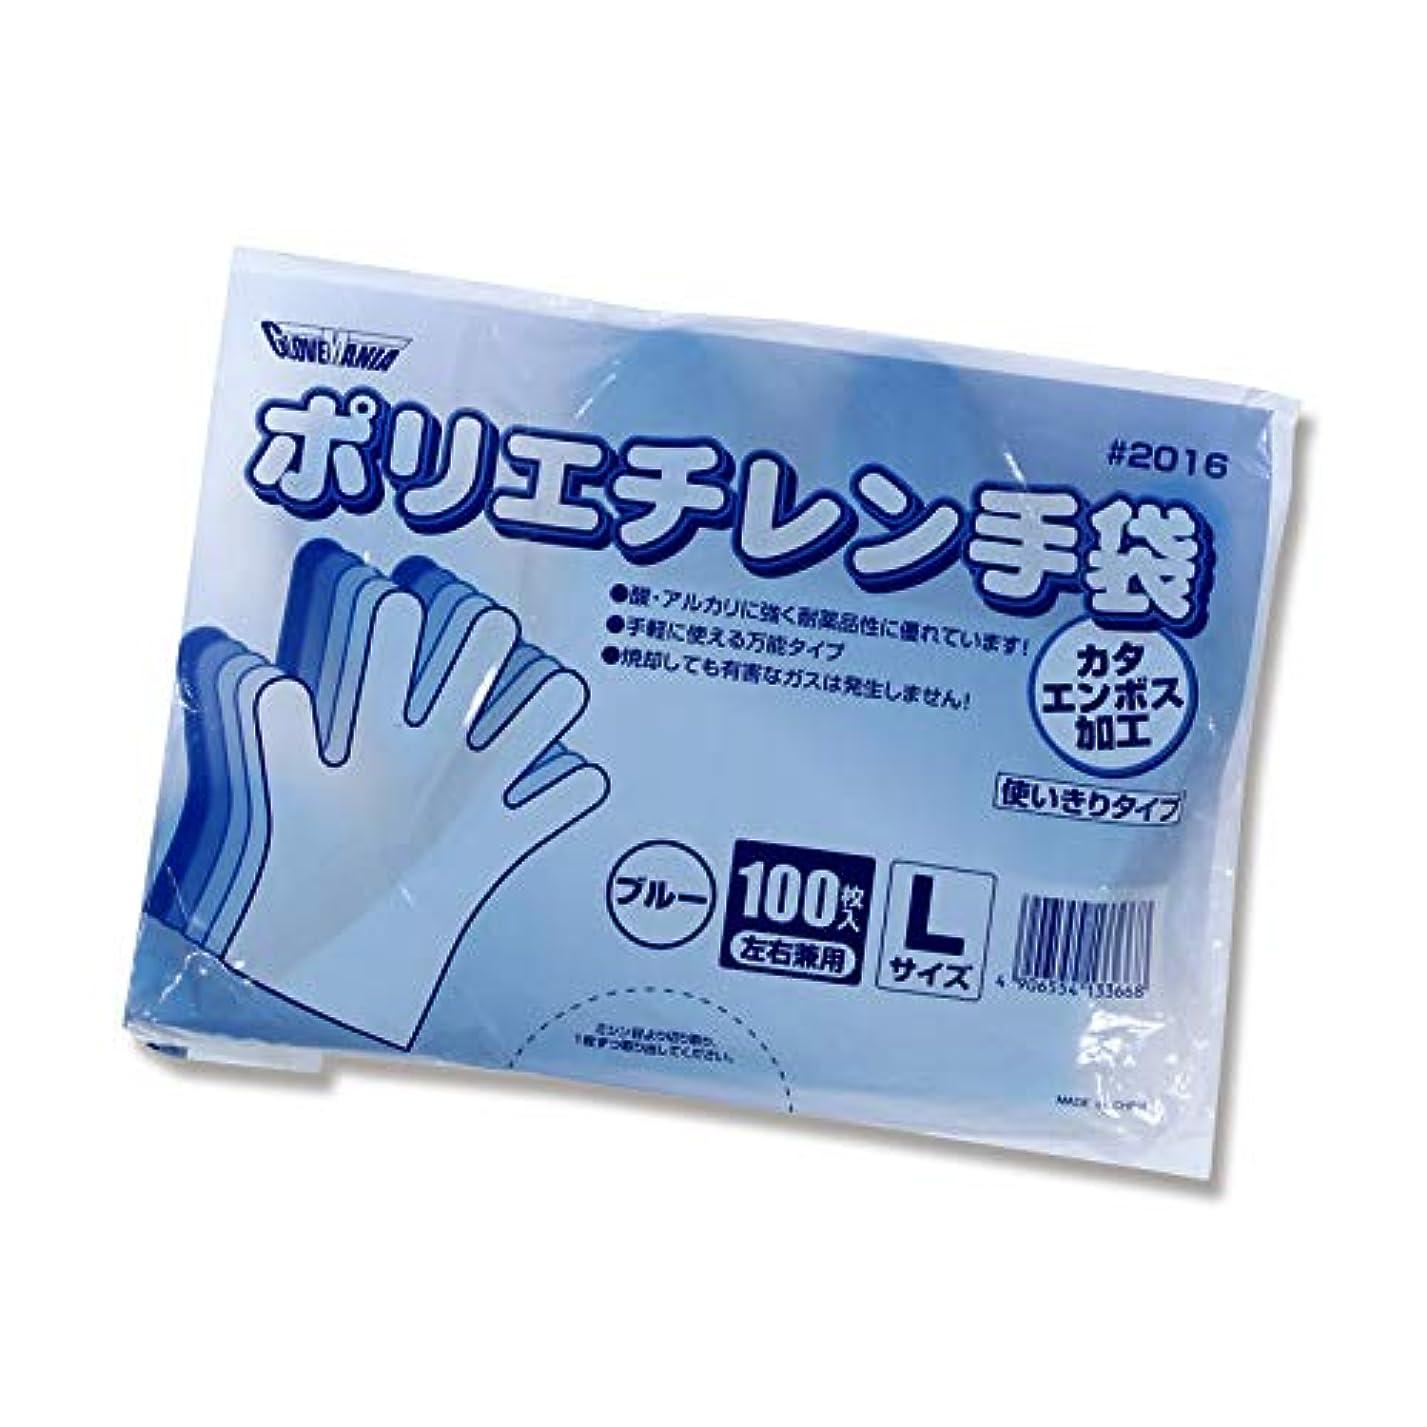 かかわらずと組む差別【ポリ手袋】2016 ポリエチカタエンボスブルー Lサイズ 100枚